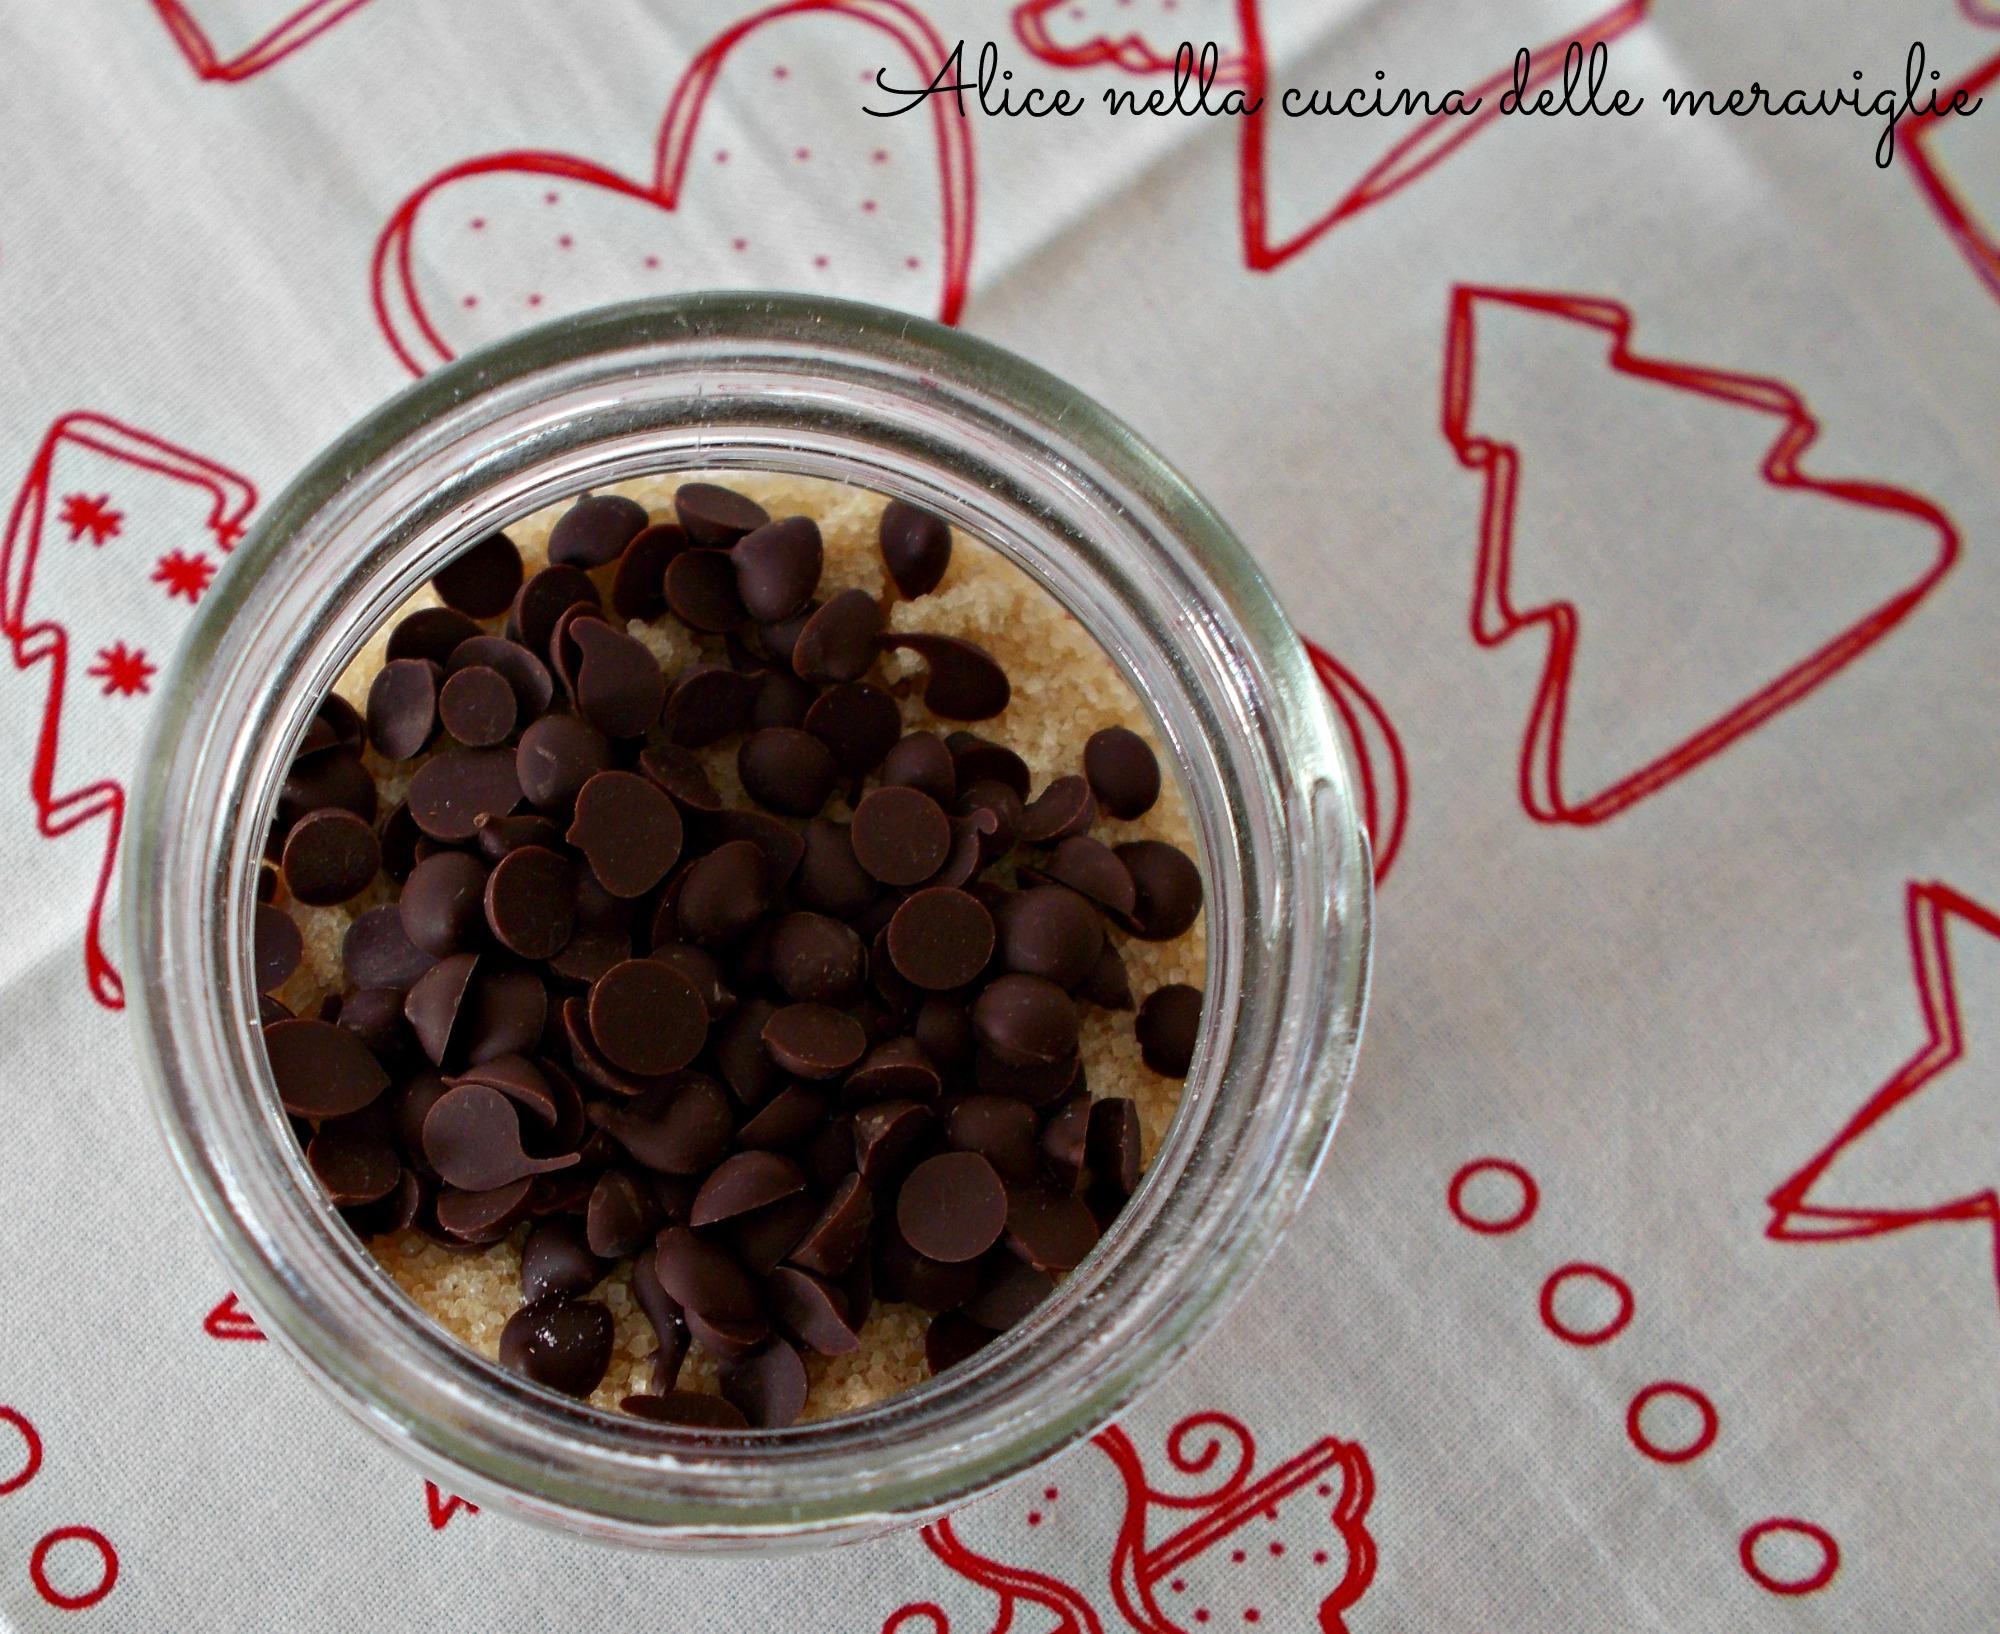 Dolcetti al cocco e gocce di cioccolato Idea regalo di Natale Alice nella cucina delle meraviglie